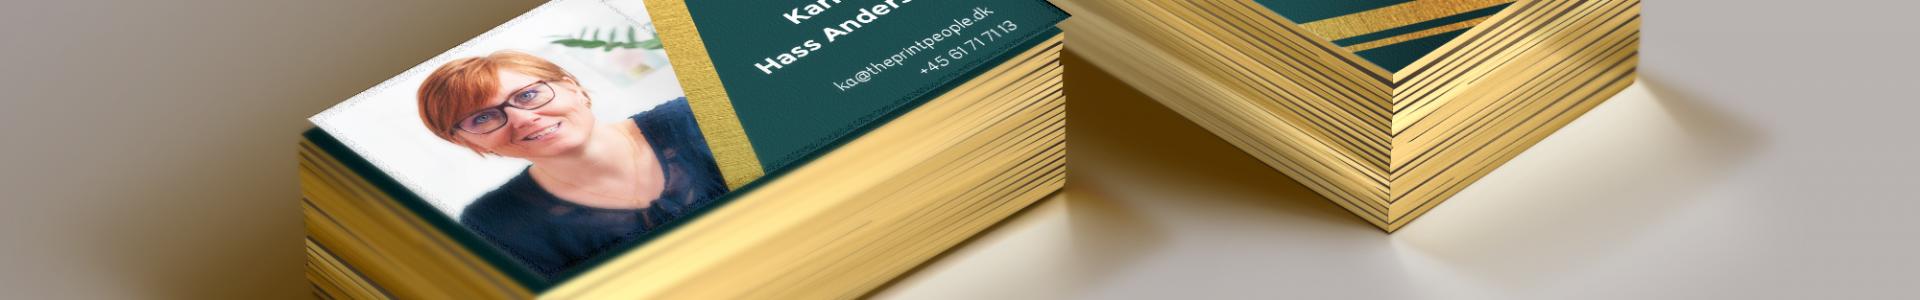 Visitkort med guld og effekter